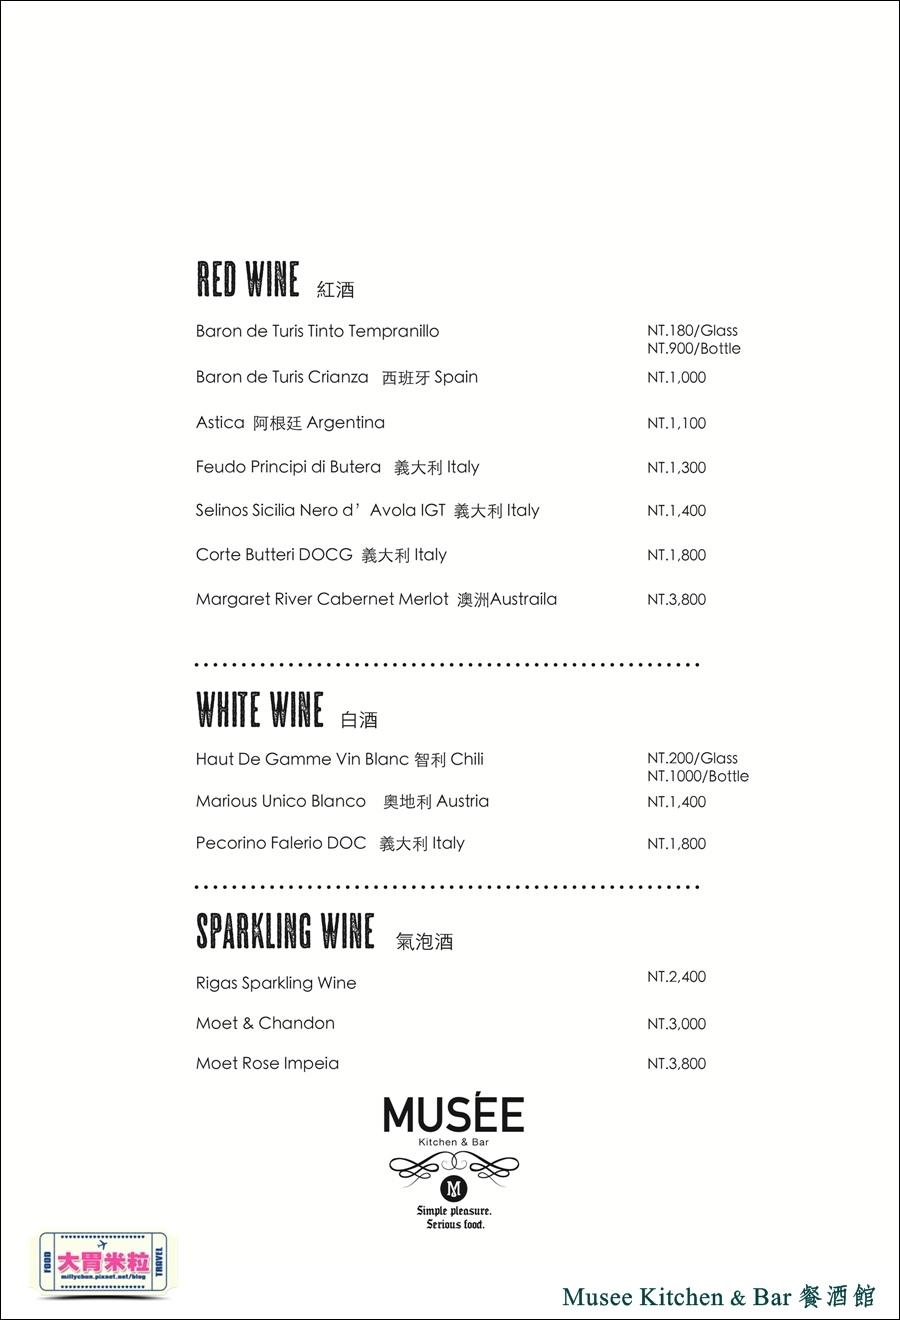 台北特色餐酒館推薦-Musee Kitchen & bar 工業風傢俱餐酒館-millychun0083.jpg